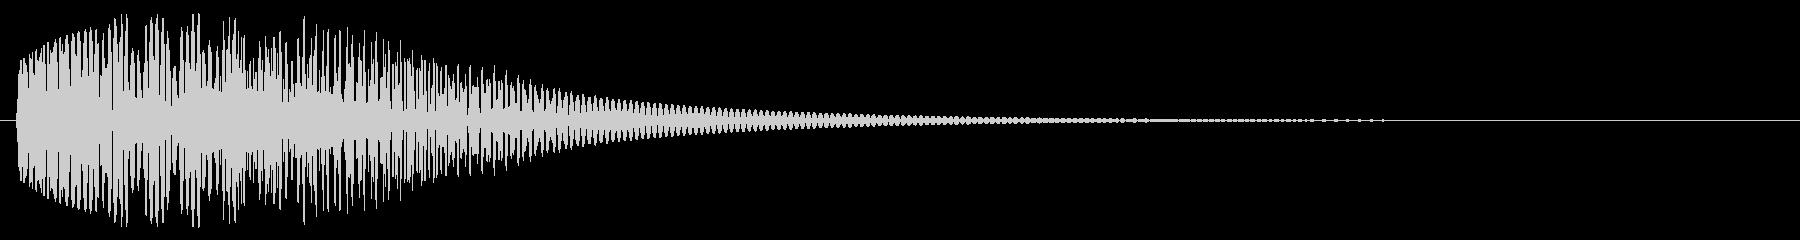 決定_タップ_クリック_200709の未再生の波形